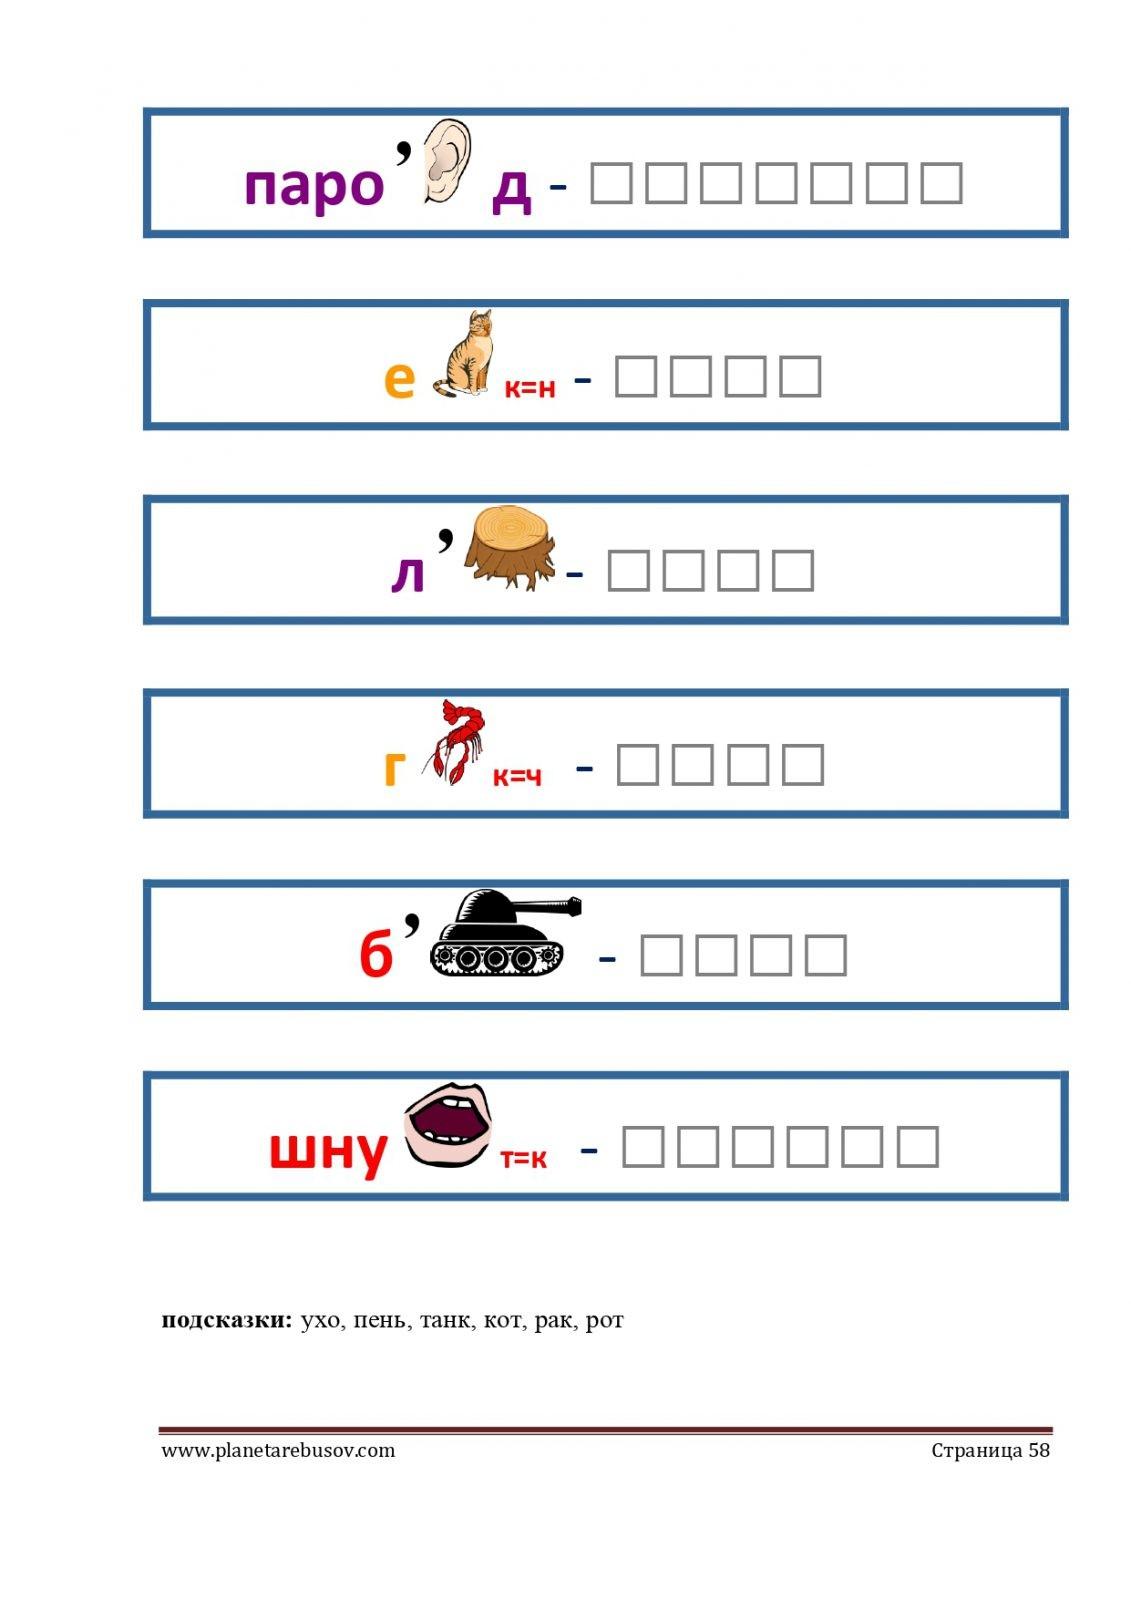 Ребусы: пароход, лень, банк, енот, грач, шнурок